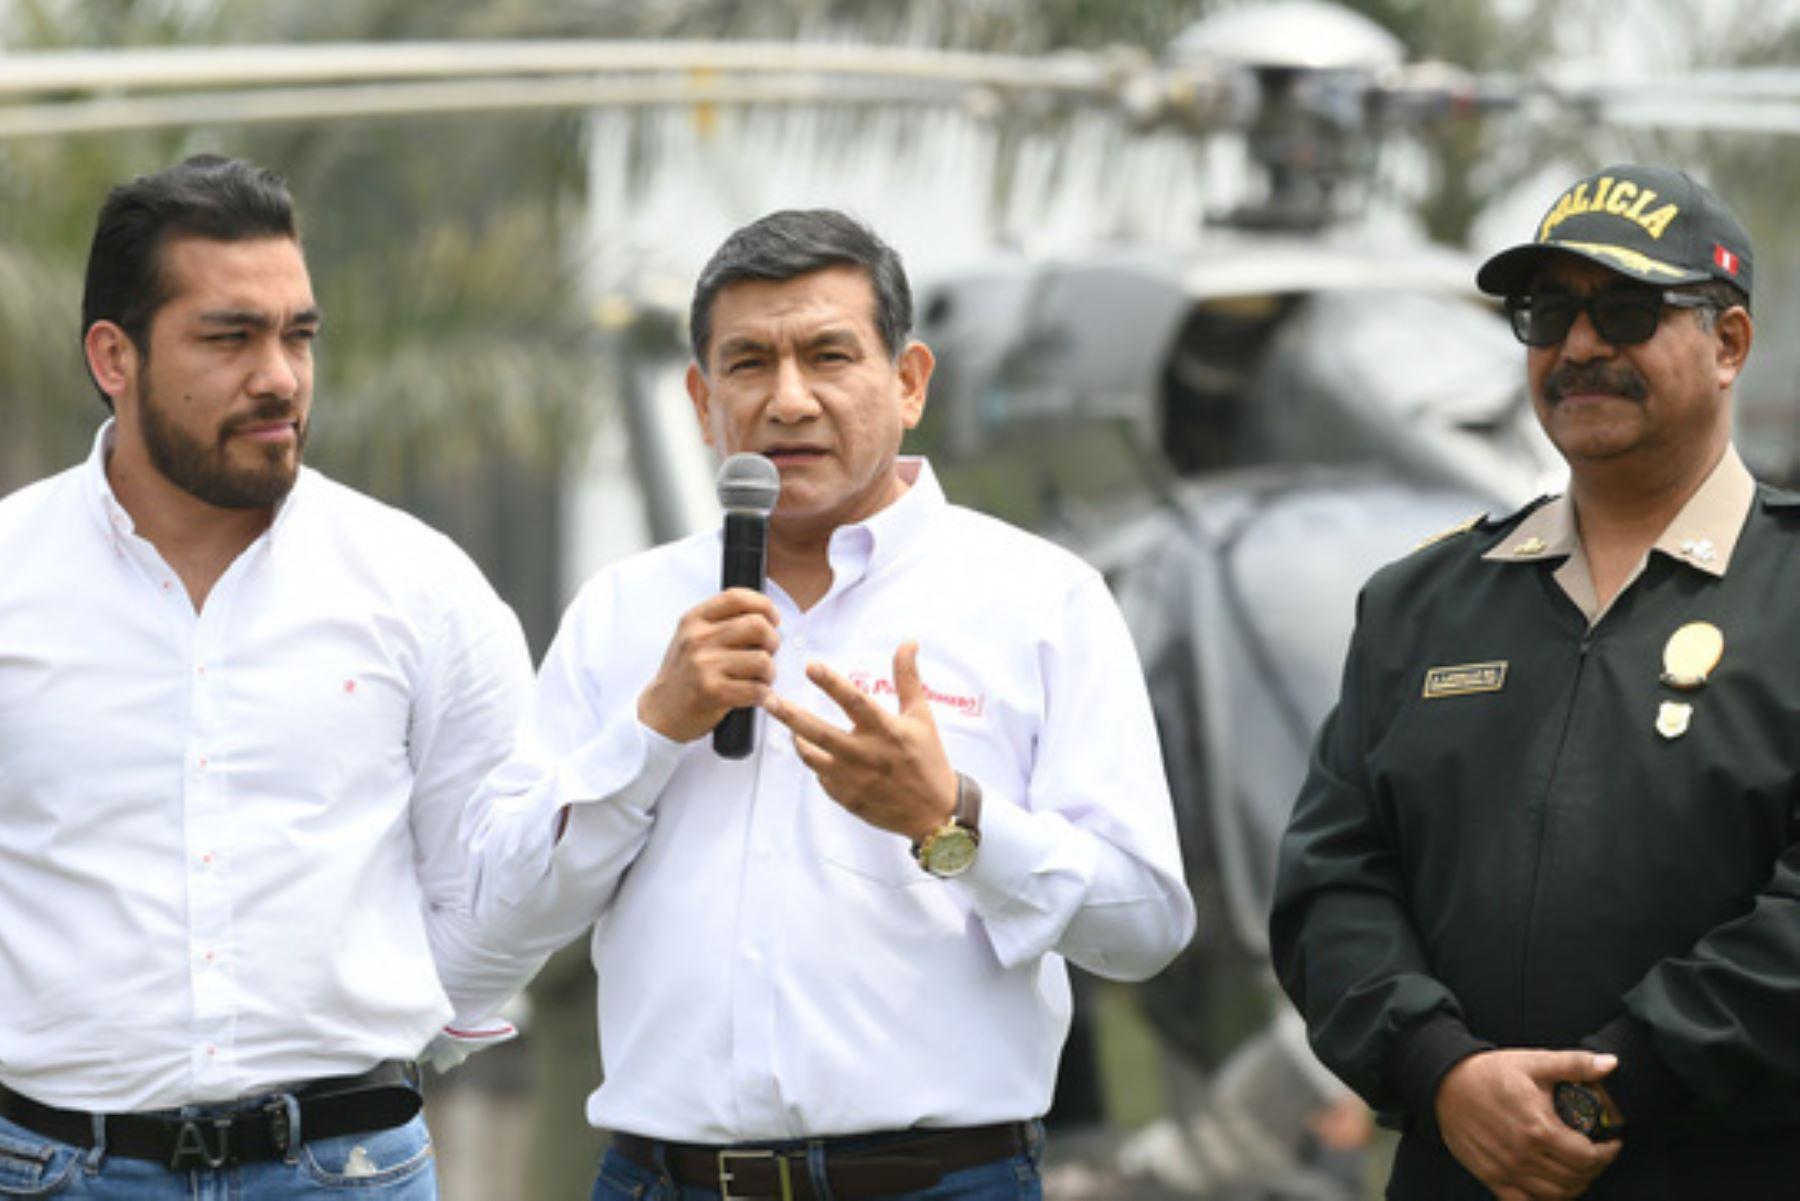 El ministro del Interior, Carlos Morán, inauguró en La Molina el Centro Integral de Operaciones Estratégicas. Foto: Mininter